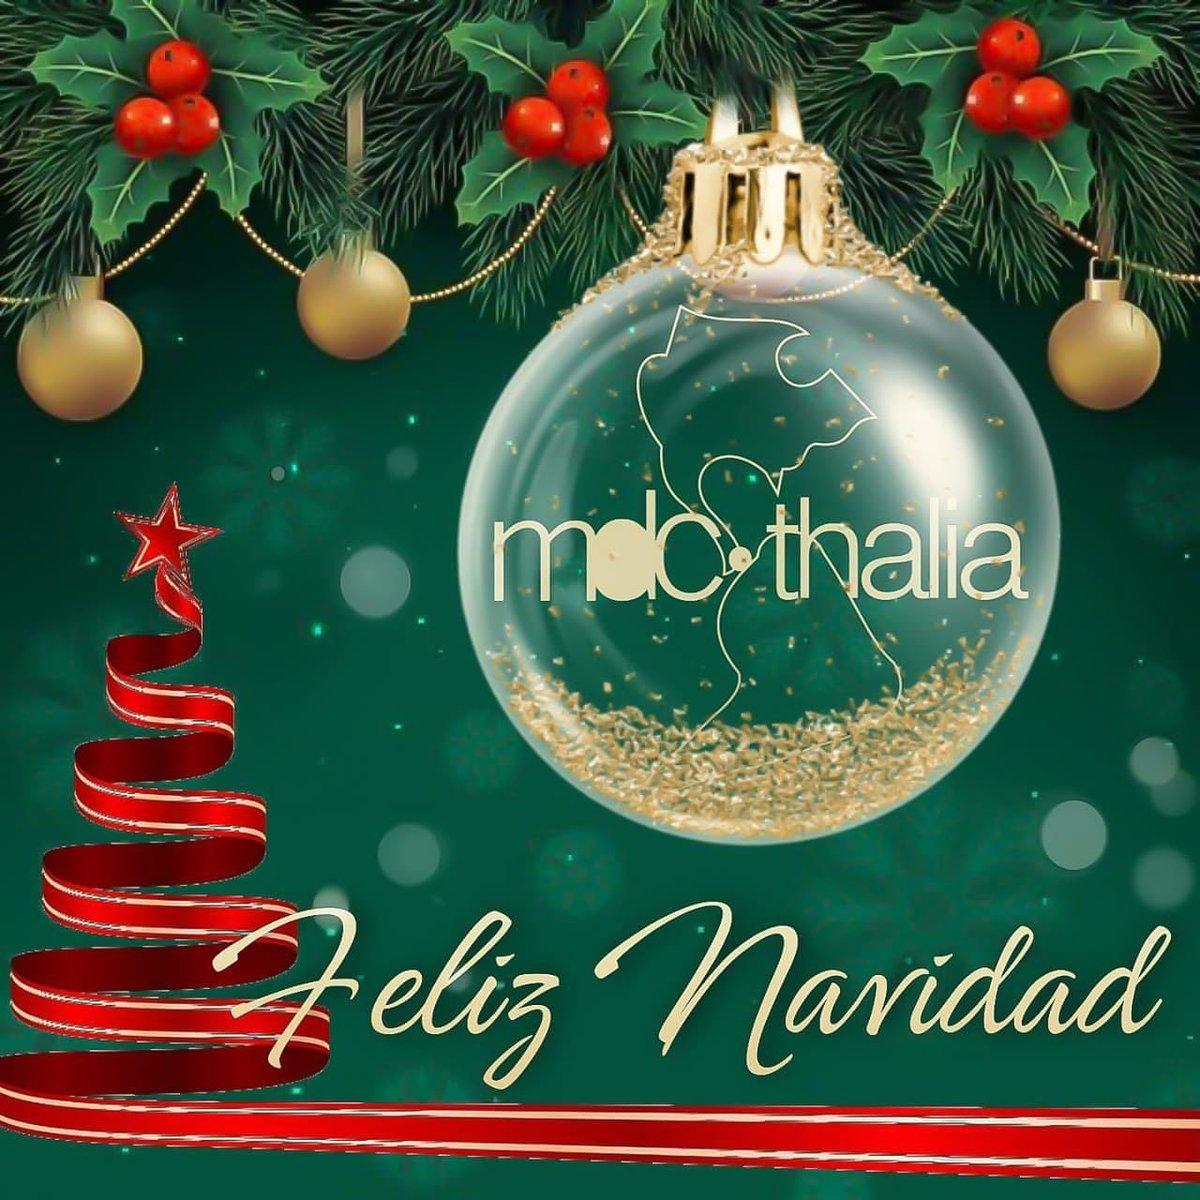 Que en sus hogares siempre reine, La Paz, El Amor y La Salud, son nuestros mejores deseos, hoy y siempre. Feliz Navidad a todos🎄⛄🌟  #FelizNavidadConThalia #Thalia #ThaliaMDCContigoSiempreEsta #MDCCalifornia  #MDCThalia #MDC  💙🌎⭐